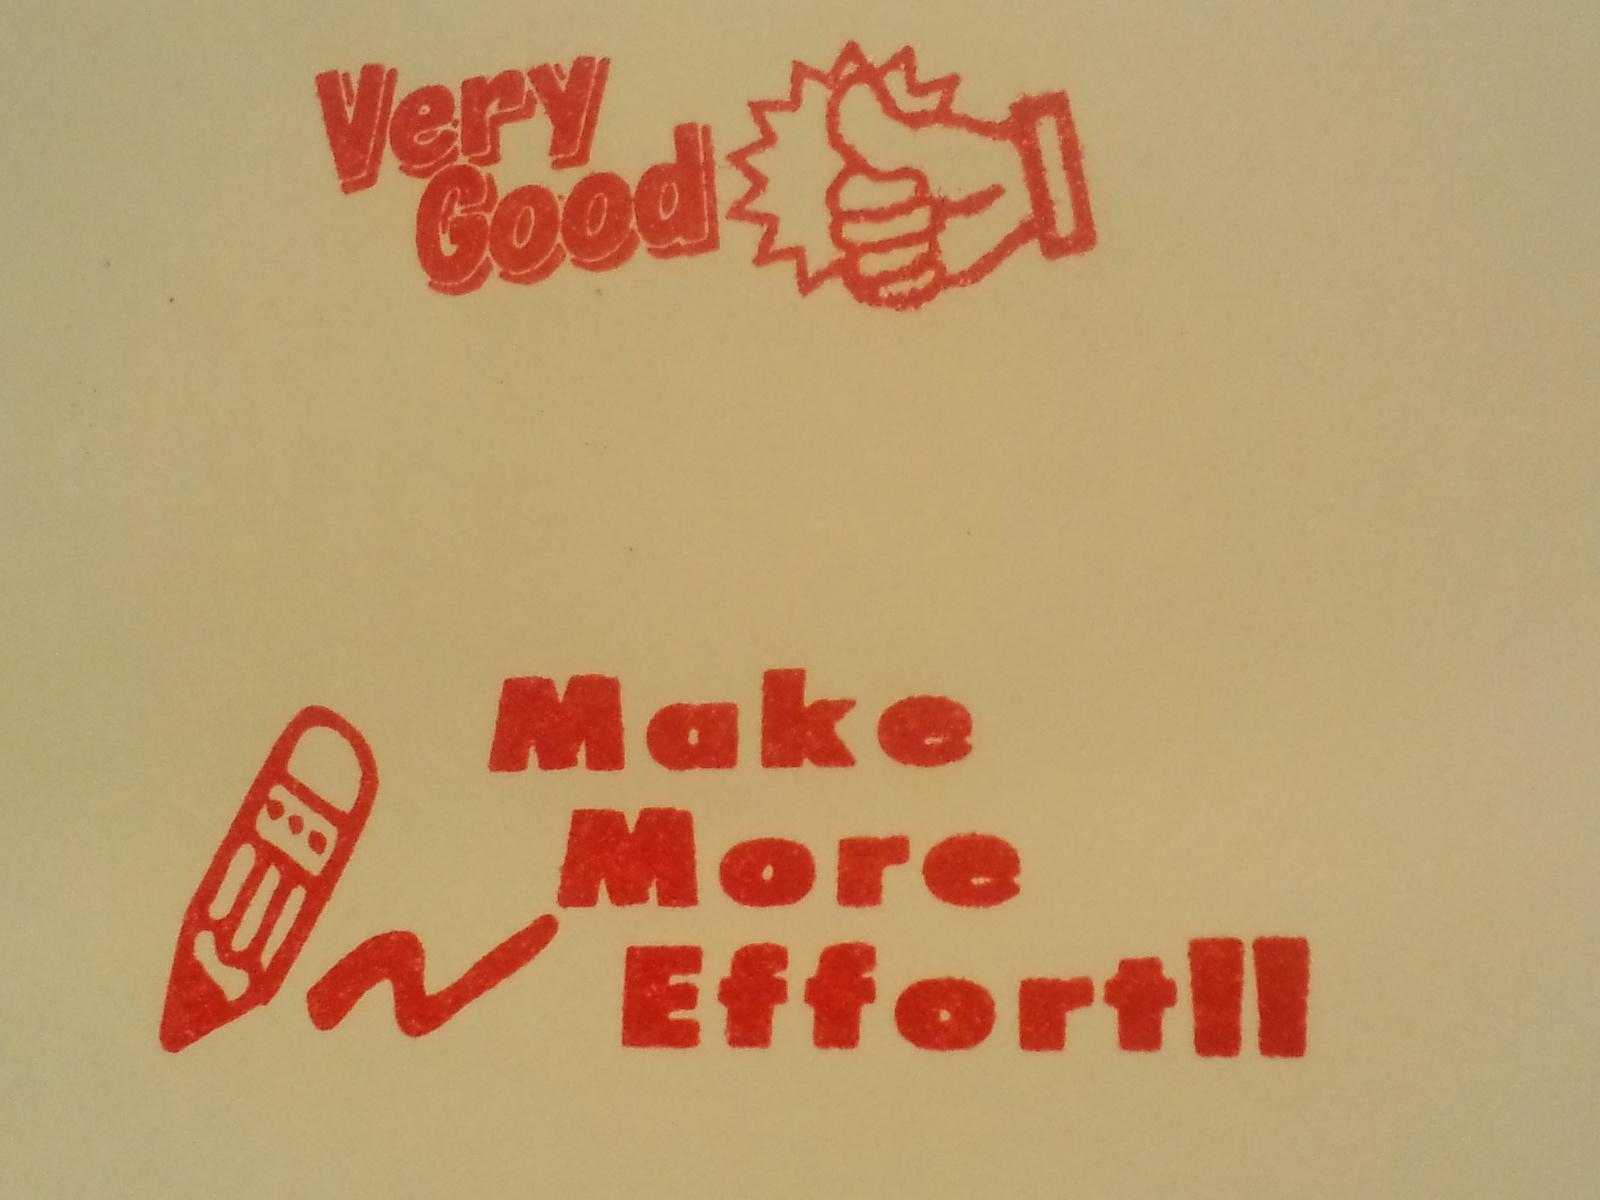 Make More Effort!!